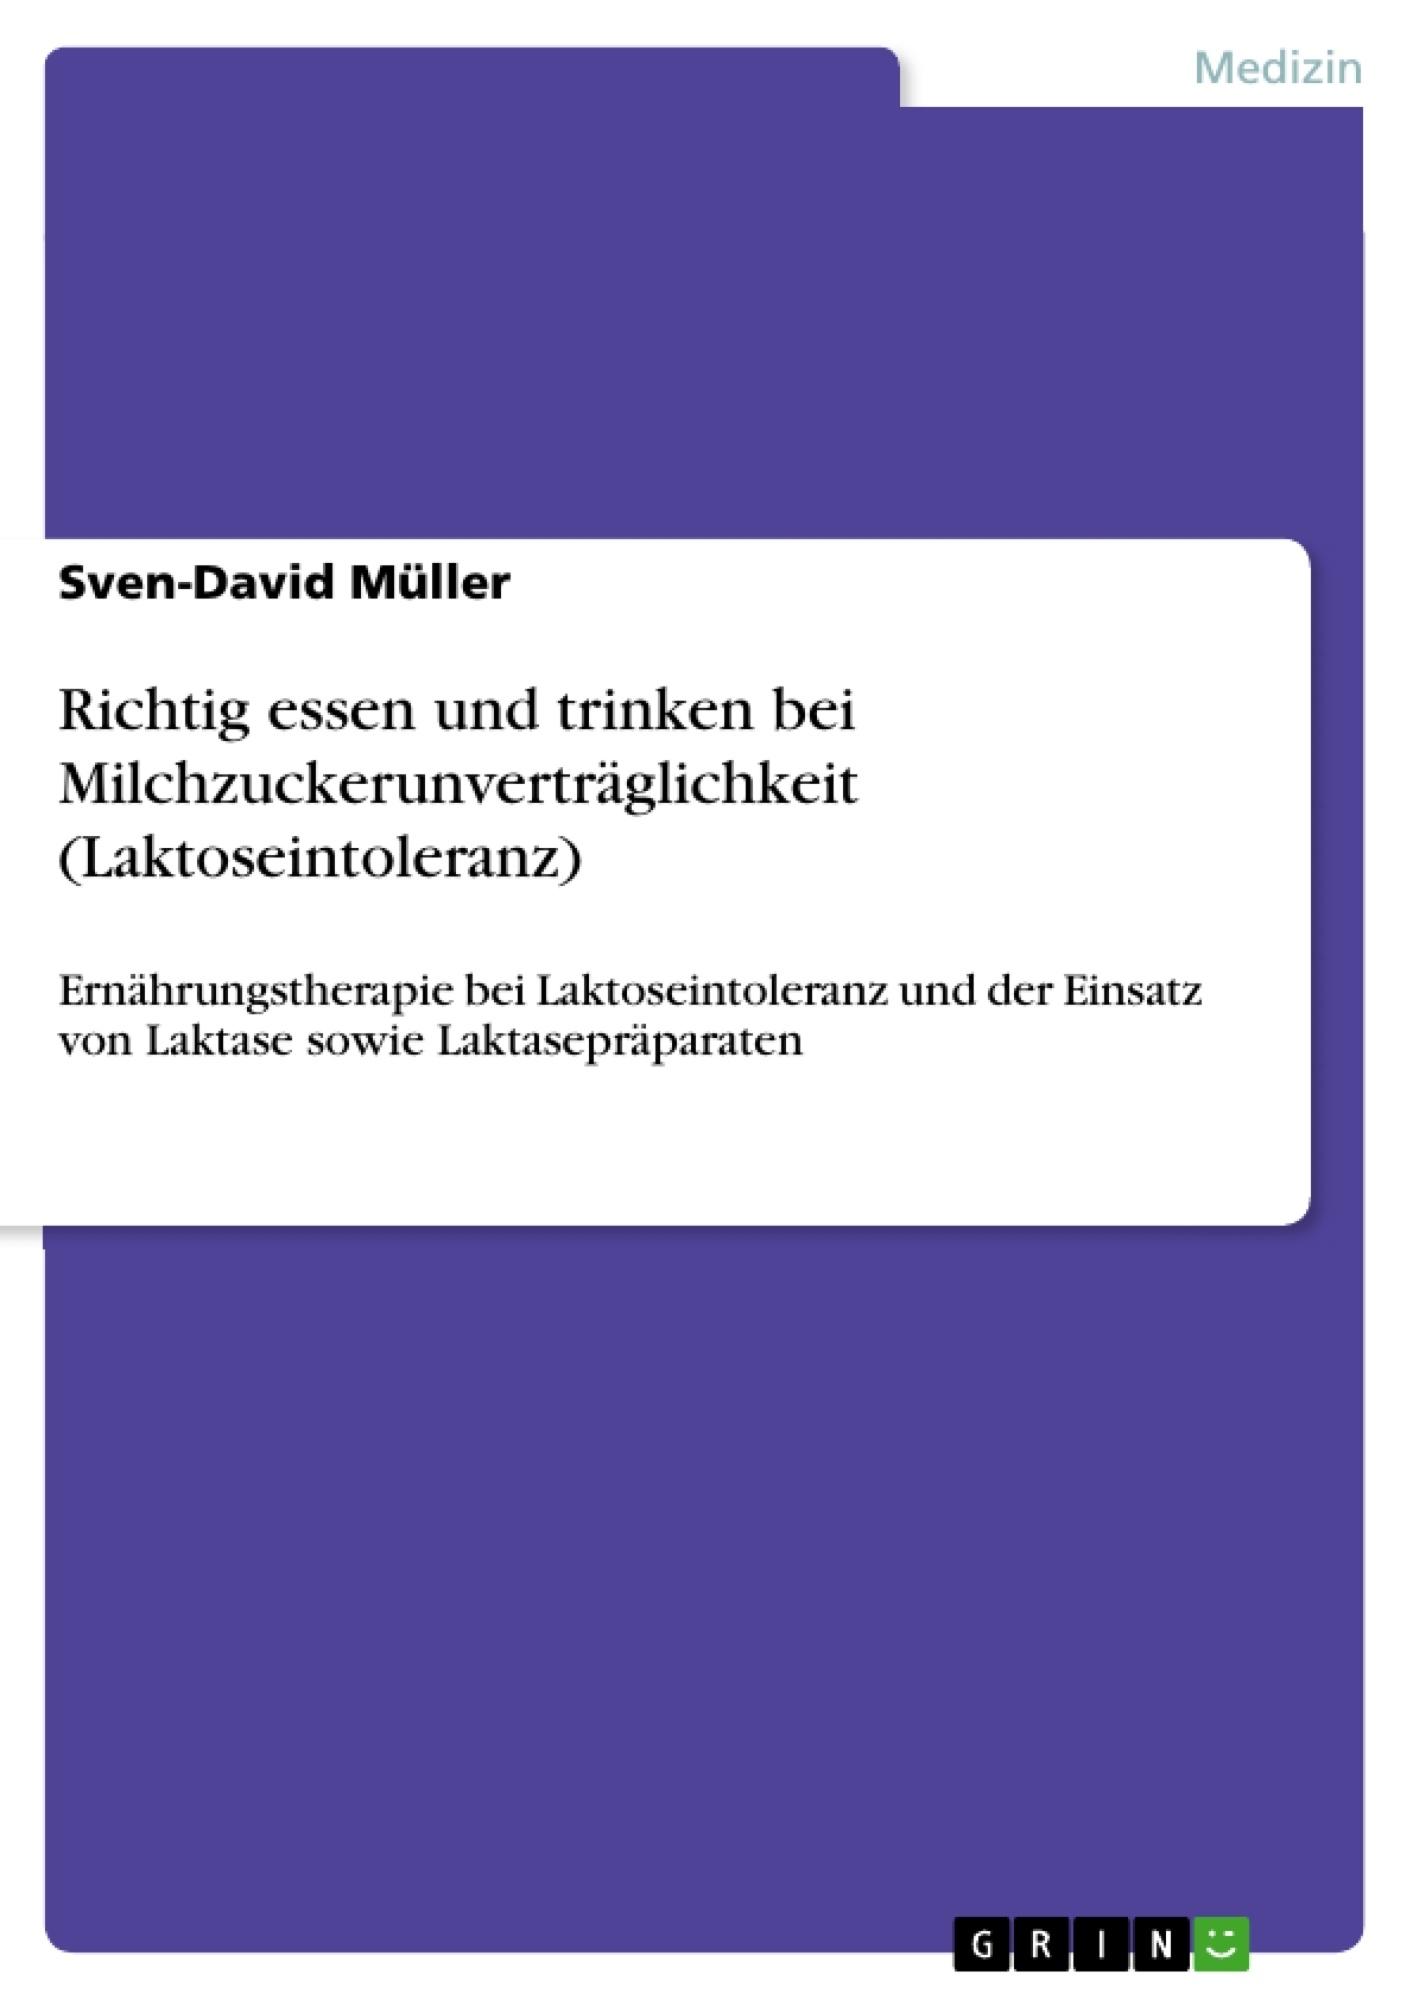 Titel: Richtig essen und trinken bei Milchzuckerunverträglichkeit (Laktoseintoleranz)